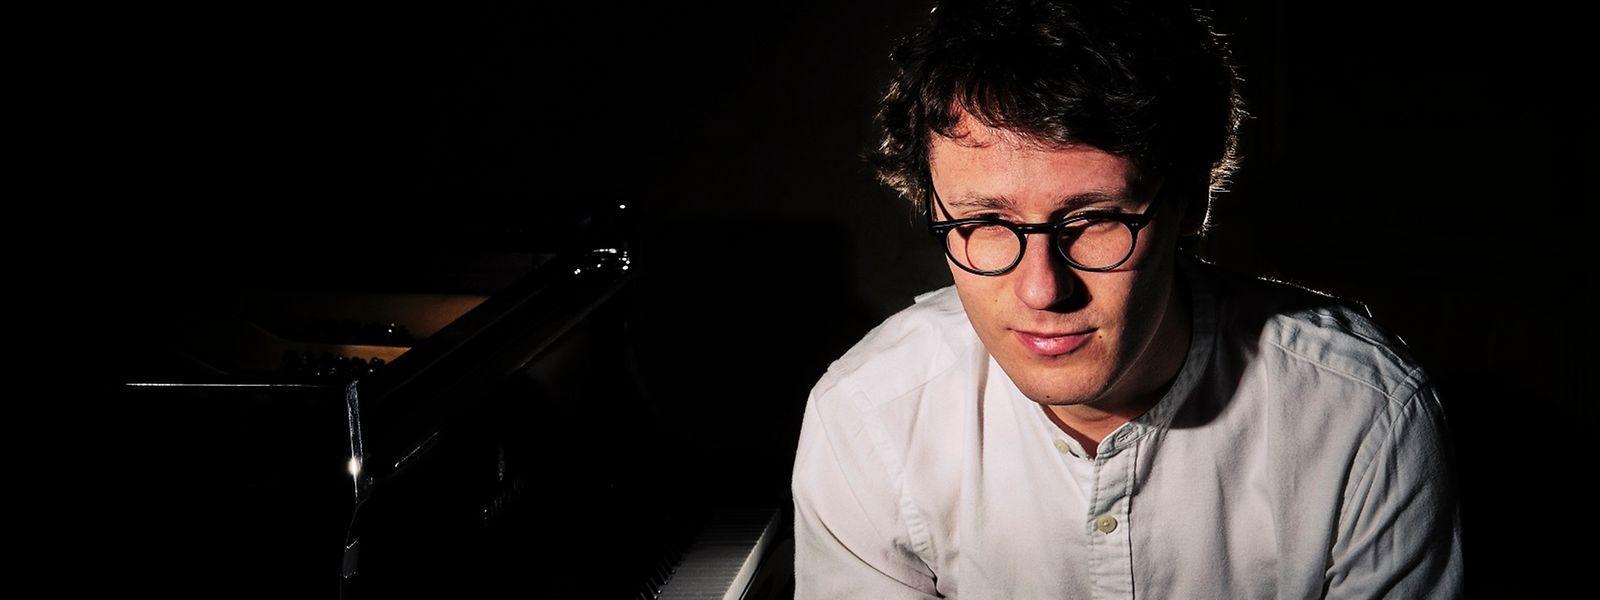 Michel Reis s'est lancé dans une expérience unique avec son piano pour seul compagnon.